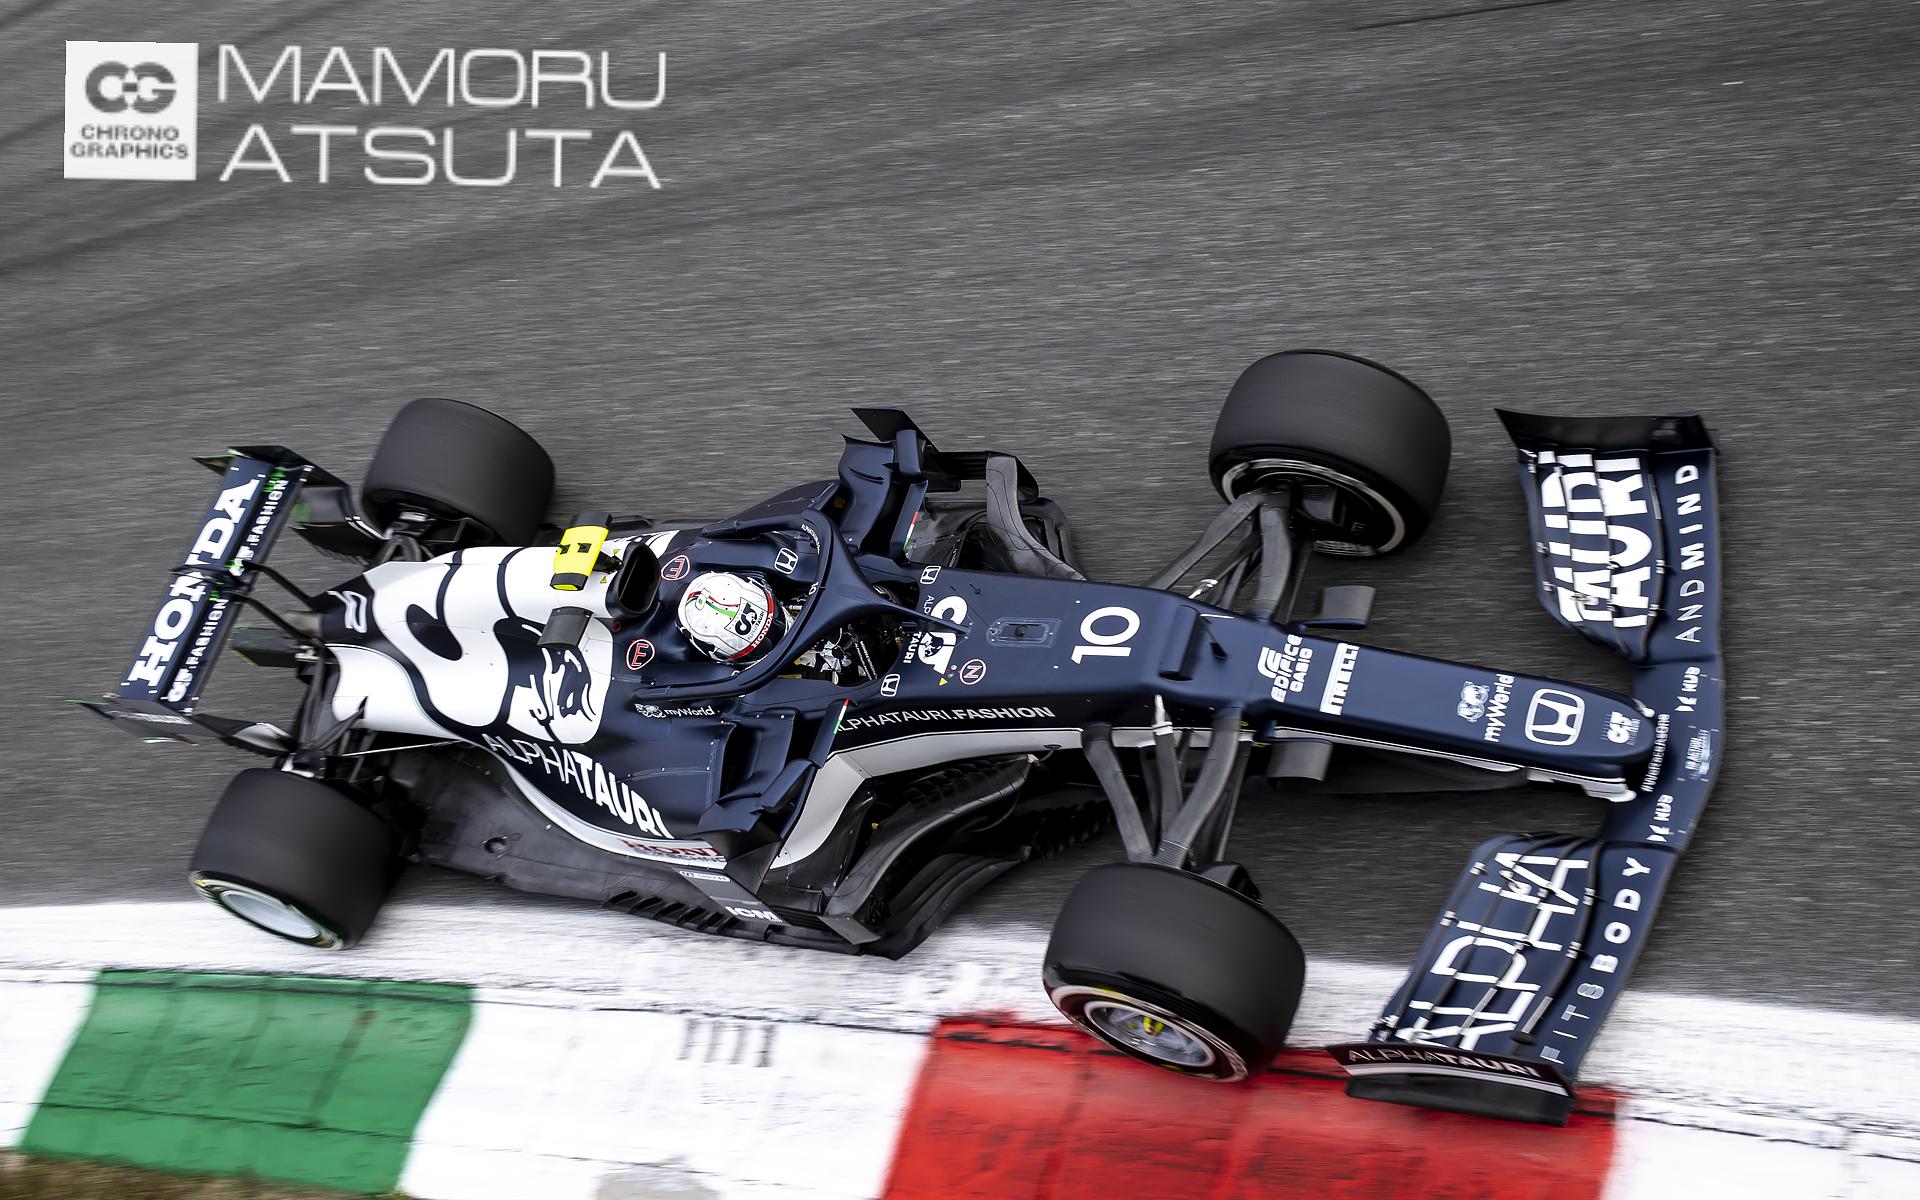 熱田護のF1フォトギャラリー「第14戦 イタリアGP」